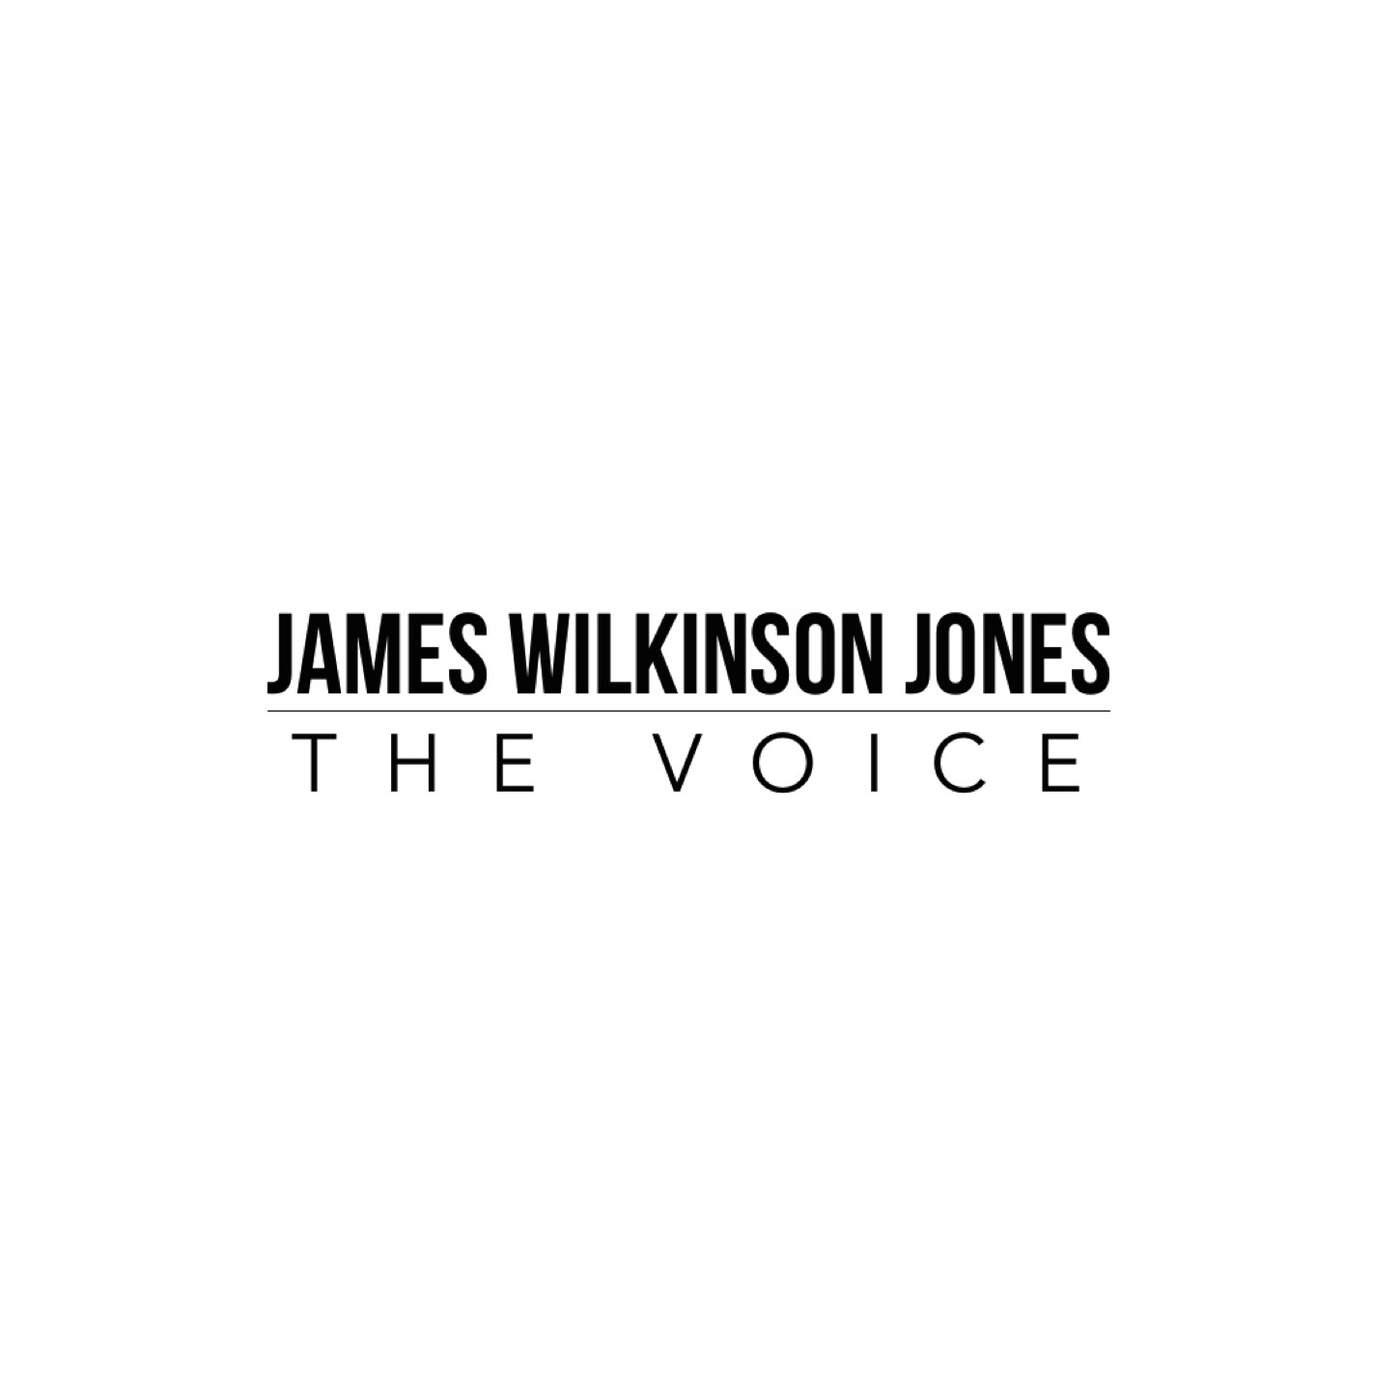 JAMES WILKINSON JONES - THE VOICE